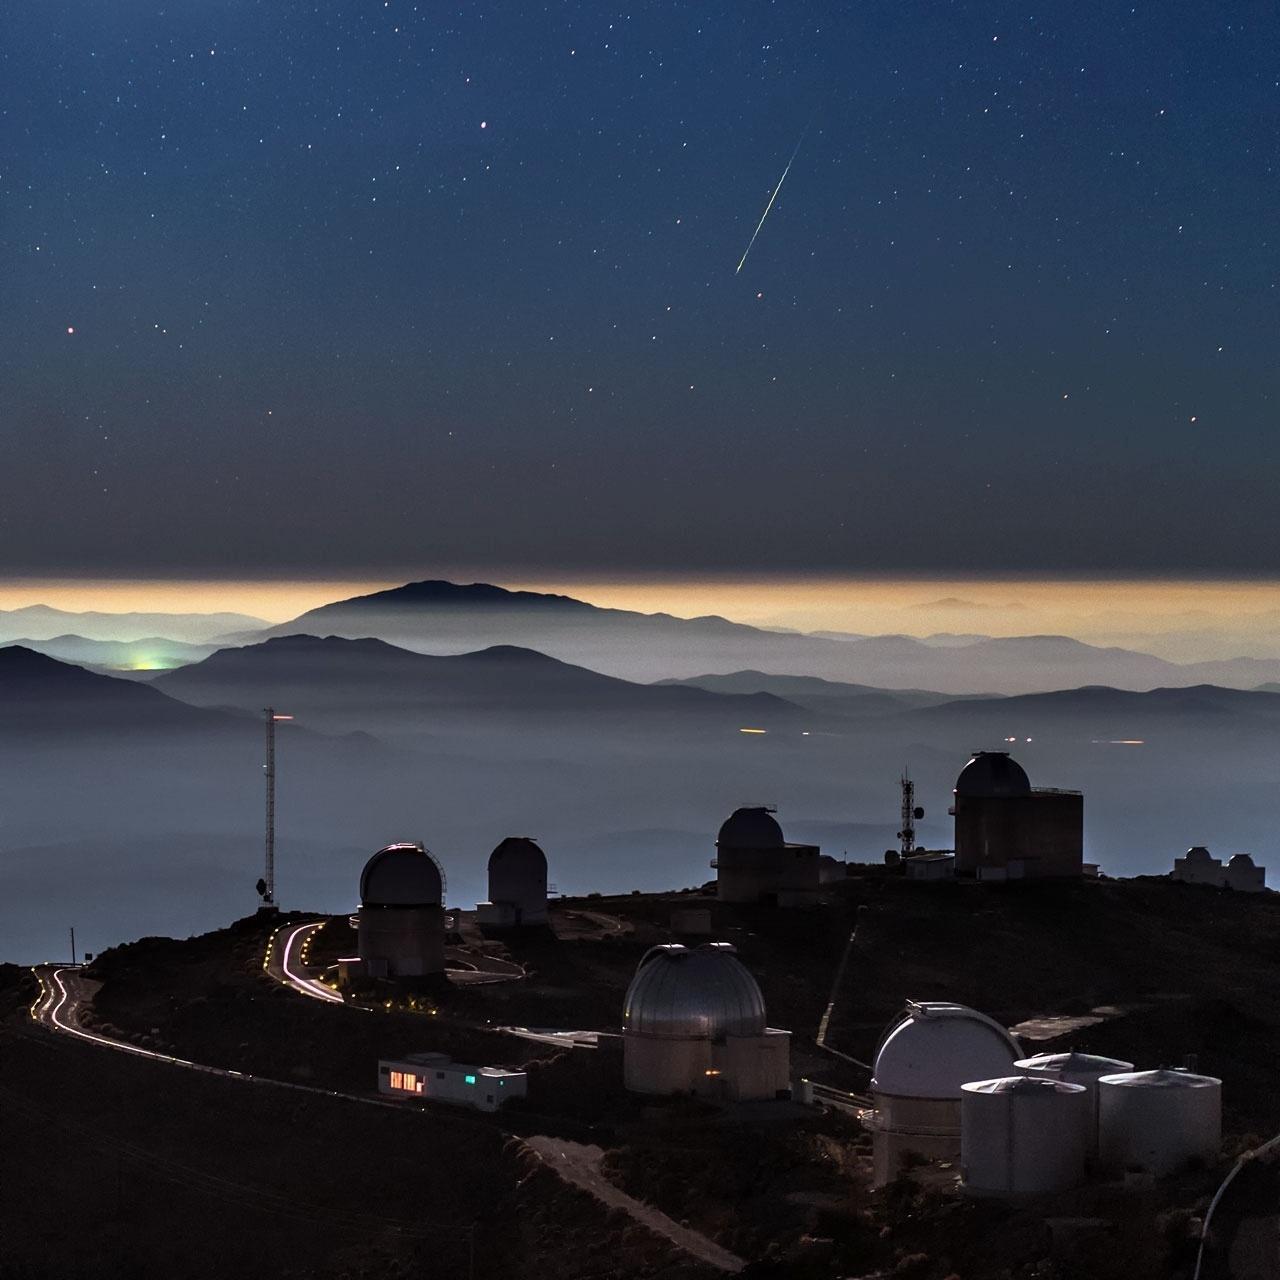 11.jan.2016 - Um meteoro foi registrado em uma foto no observatório La Silla, da ESO (Observatório Europeu do Sul), no deserto do Atacama, Chile. A fotografia impressionou amantes de astronomia por juntar com perfeição imagens do espaço e da Terra, mostrando as estrelas e o rastro de luz esverdeado do meteoro Geminid, além de montanhas e as cúpulas do observatório. O ESO afirmou que o céu escuro e o ar limpo do Atacama tornam o local ideal para observações astronômicas